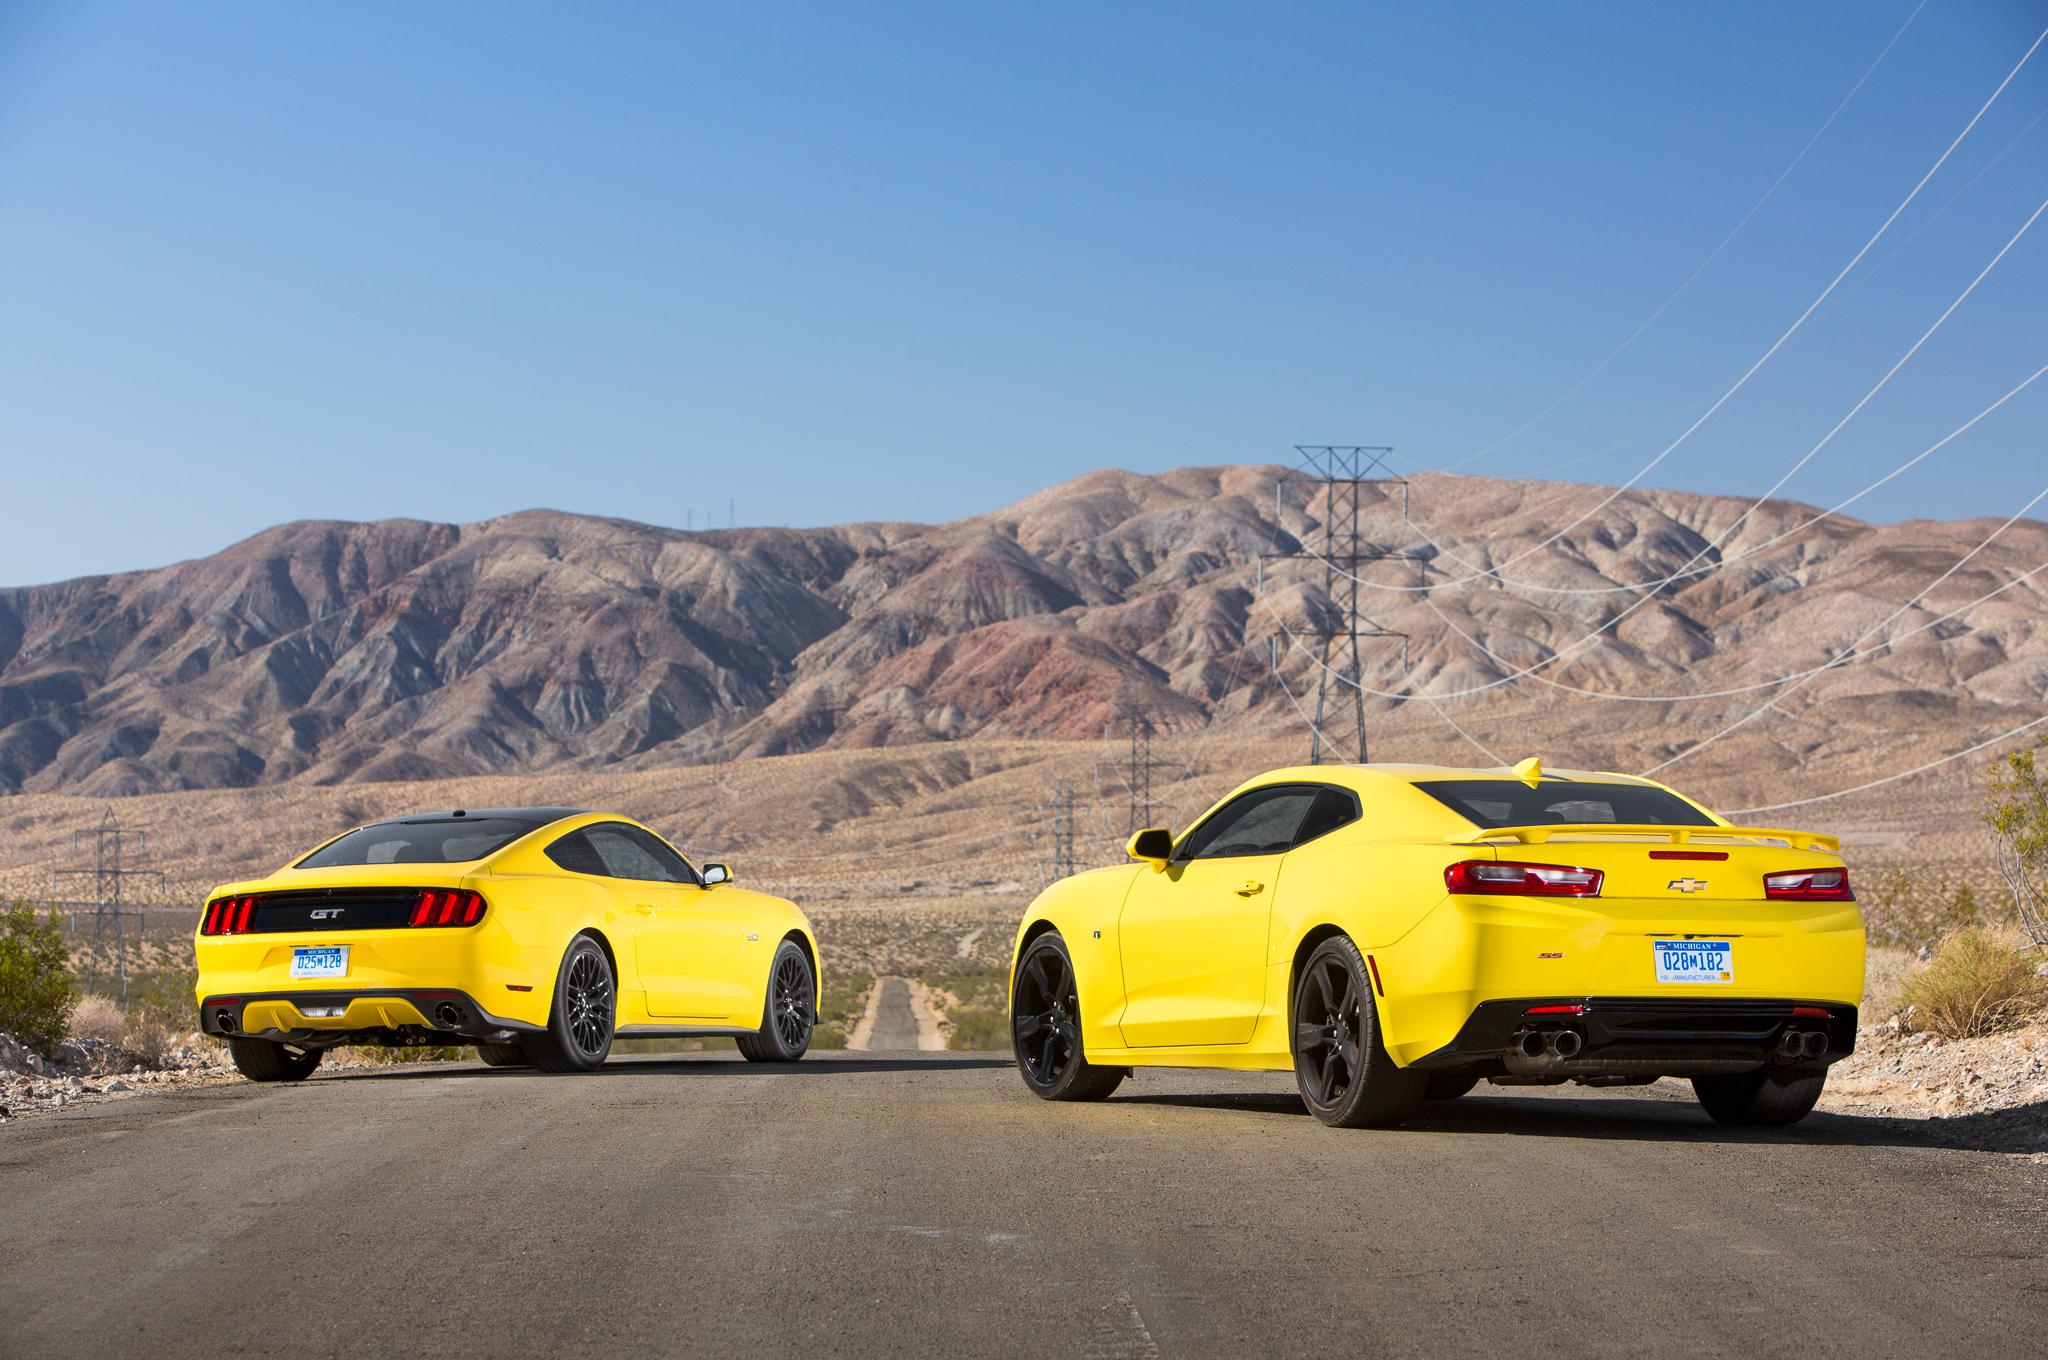 Image Courtesy: Motor Trend